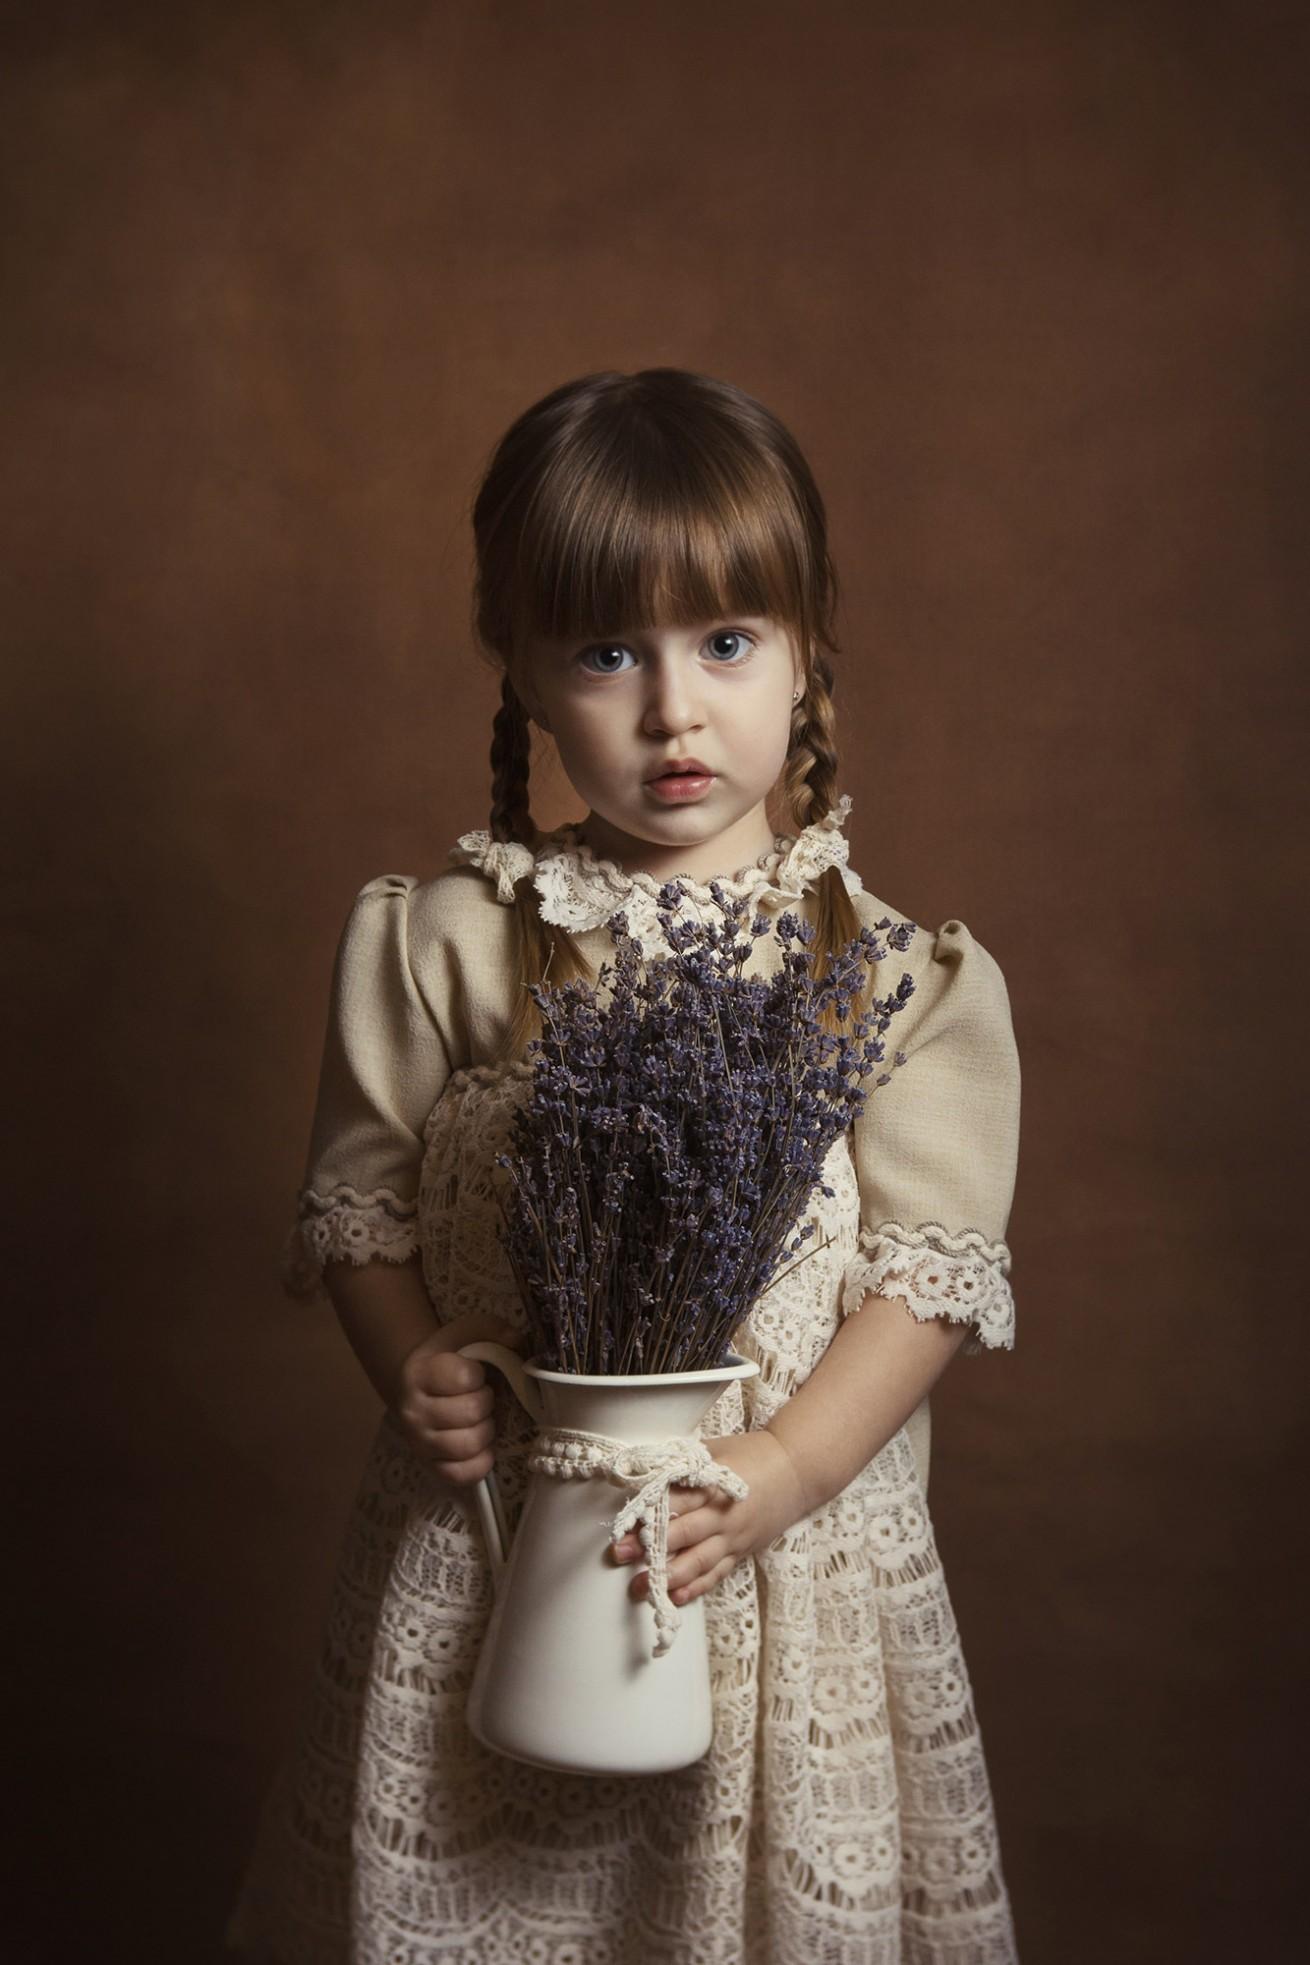 sedinta foto copii in studio brasov, fotograf copii brasov, fotograf profesionist brasov, fotograf familie si bebelusi daniel penciuc, sedinta foto smash the cake brasov